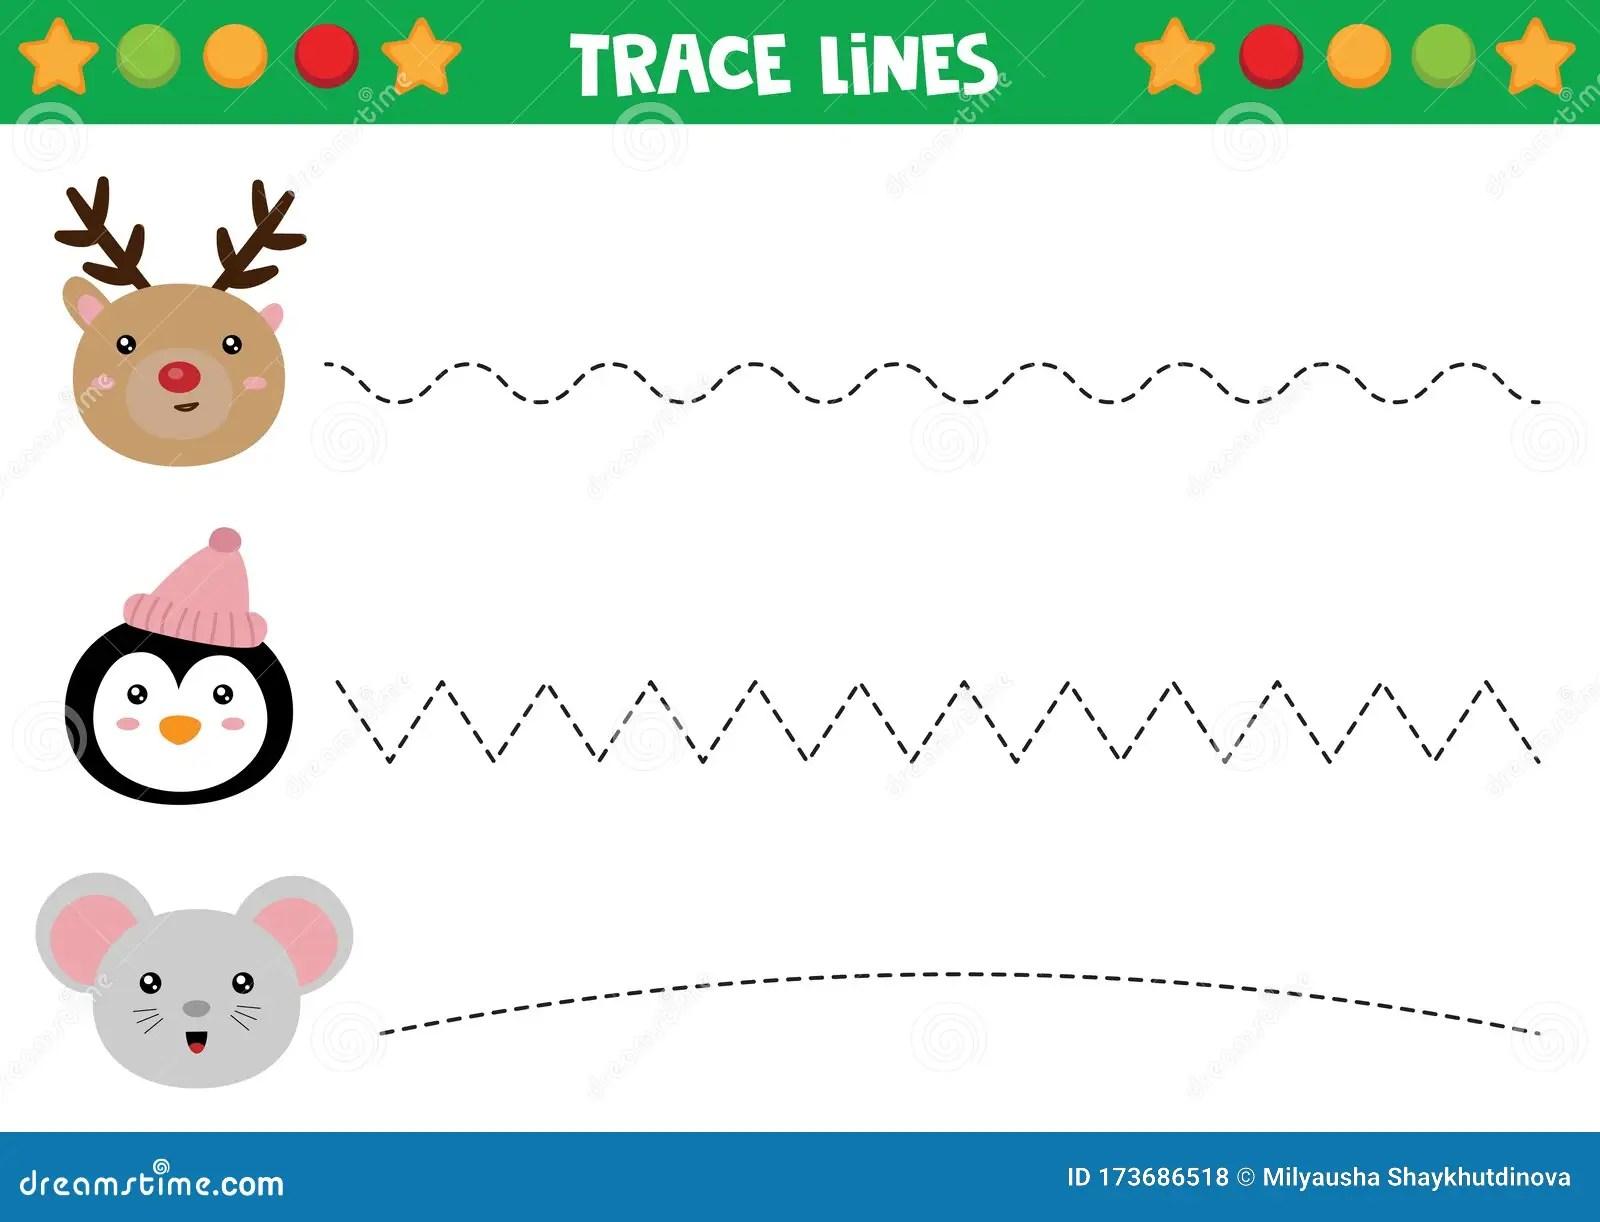 Educational Worksheet For Preschool Kids Tracing Lines